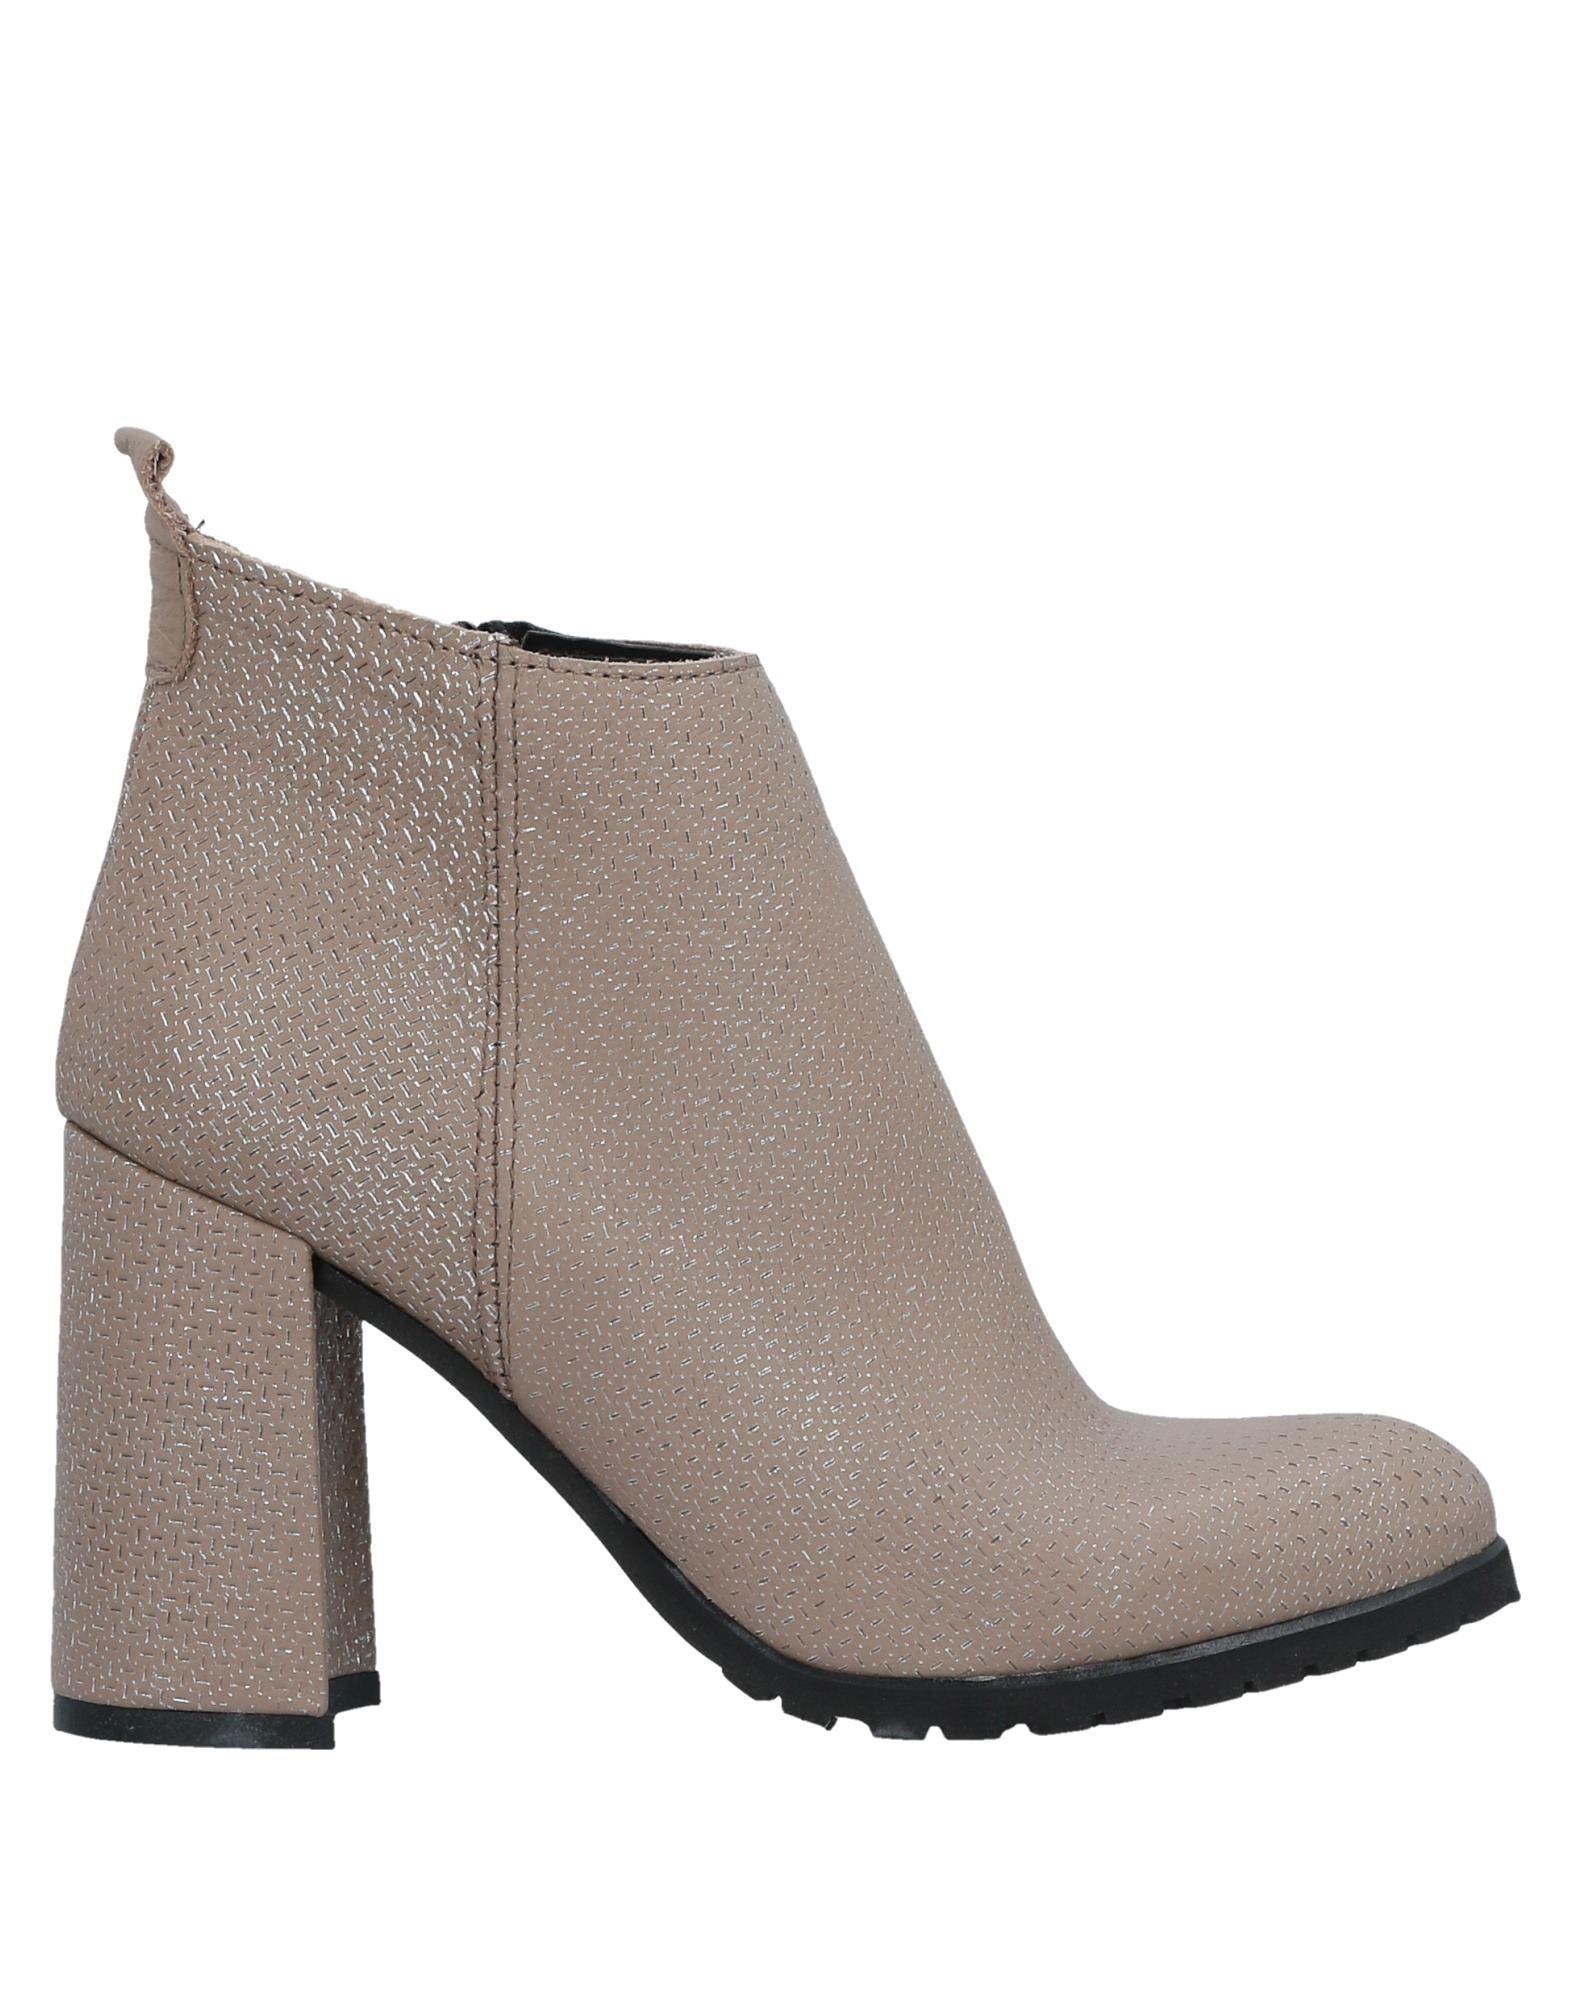 Unlace Stiefelette Damen  11528781EM Gute Qualität beliebte Schuhe